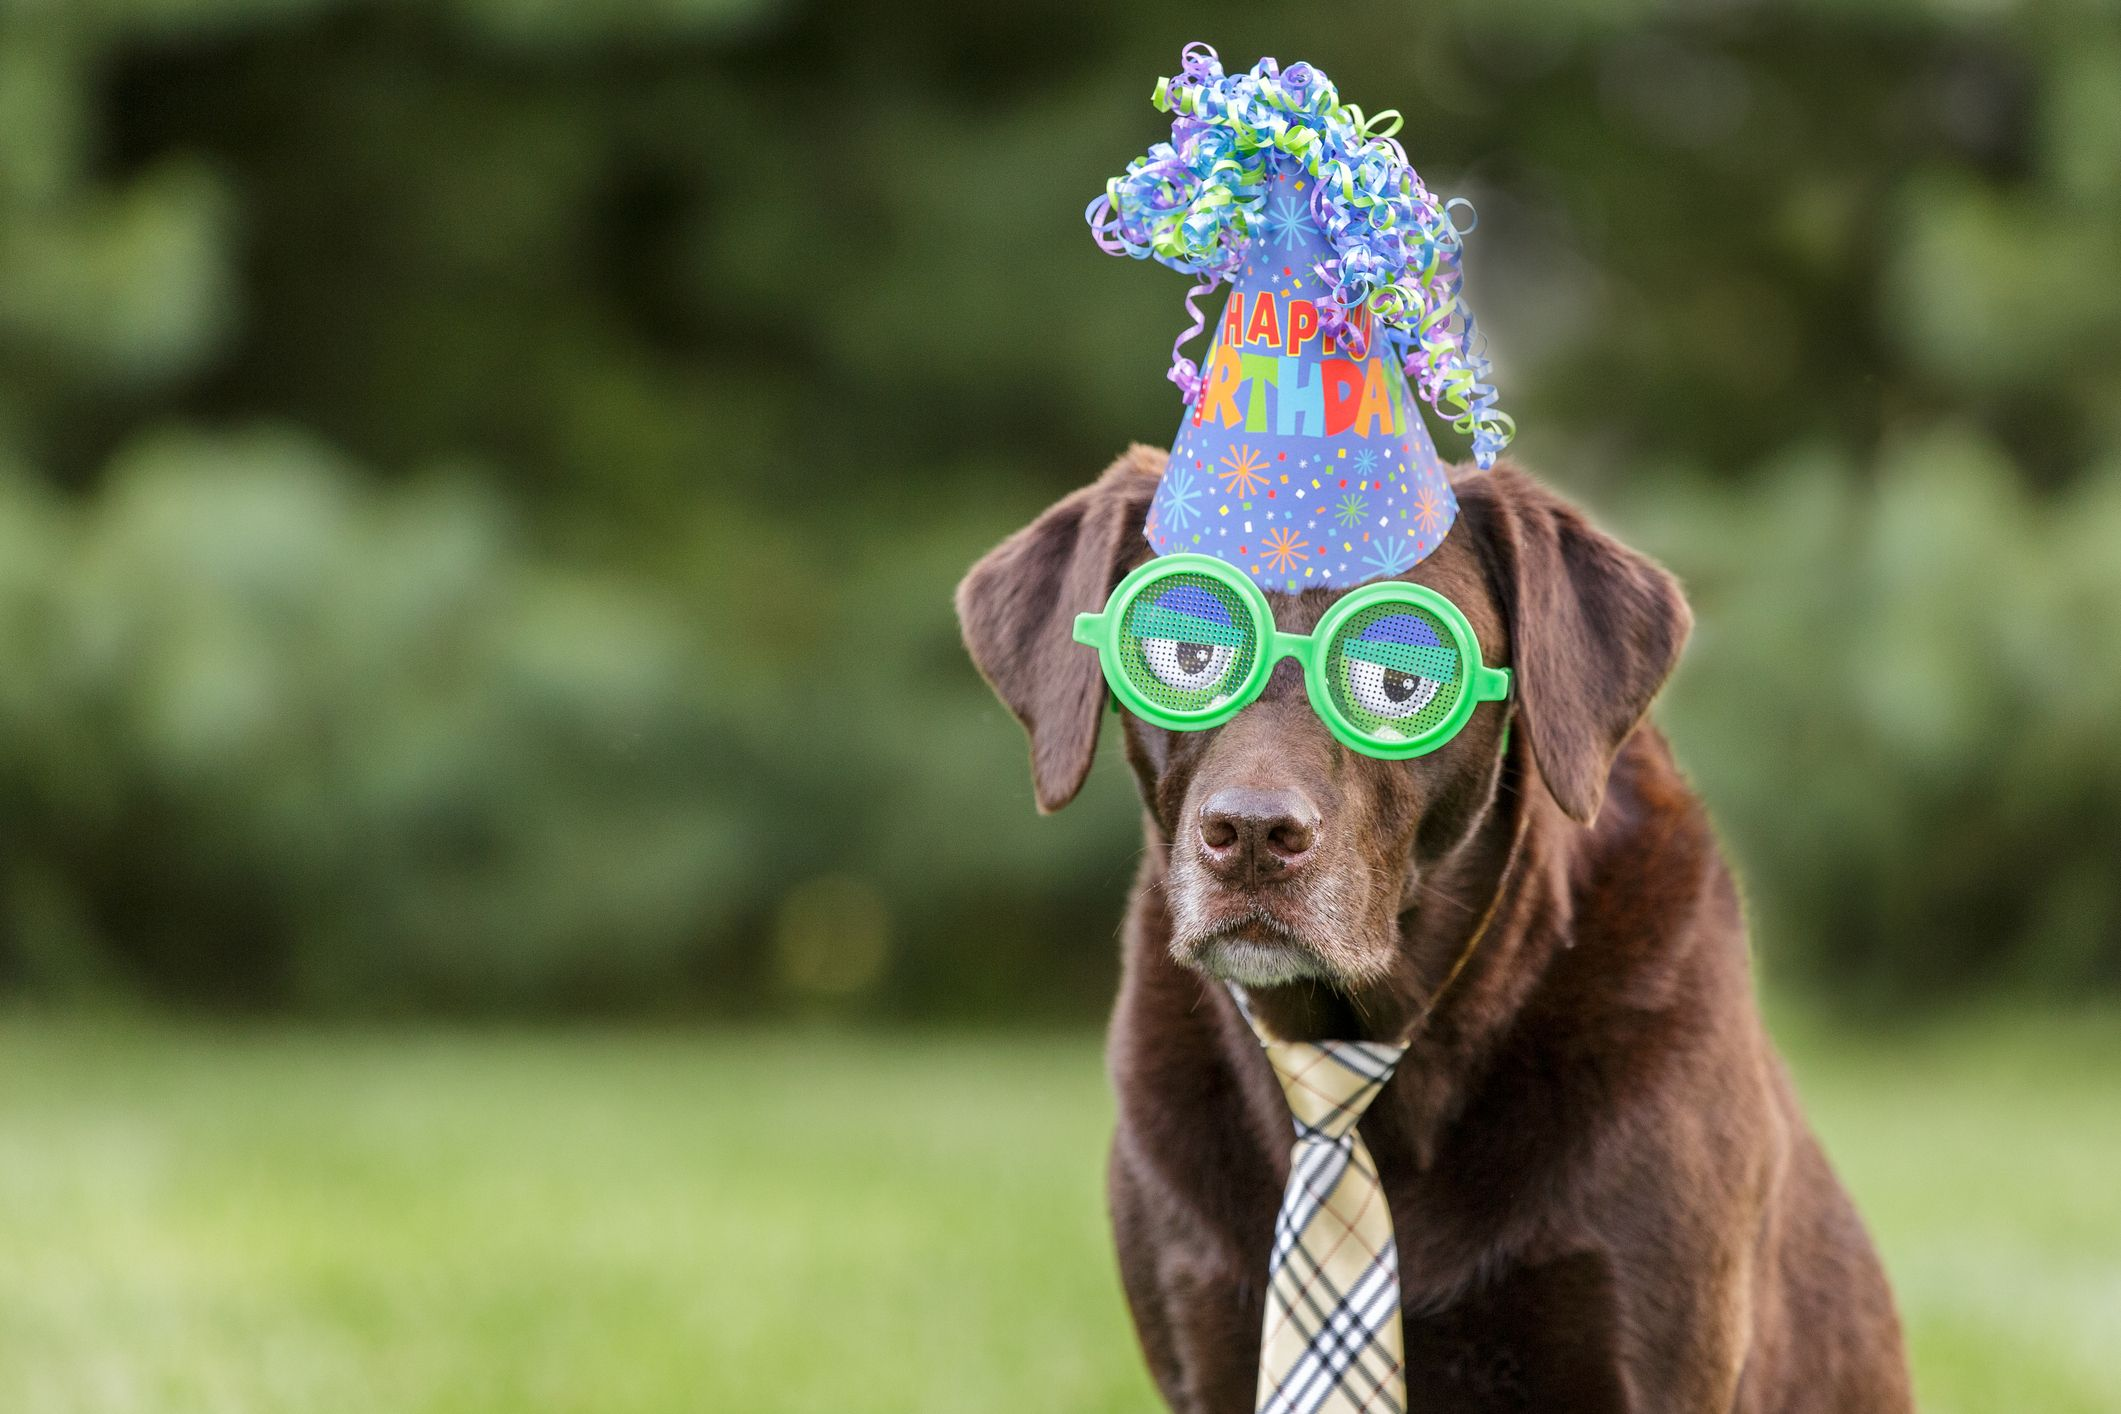 Enjoyable 50 Best Birthday Captions For Instagram Cute And Funny Birthday Funny Birthday Cards Online Overcheapnameinfo